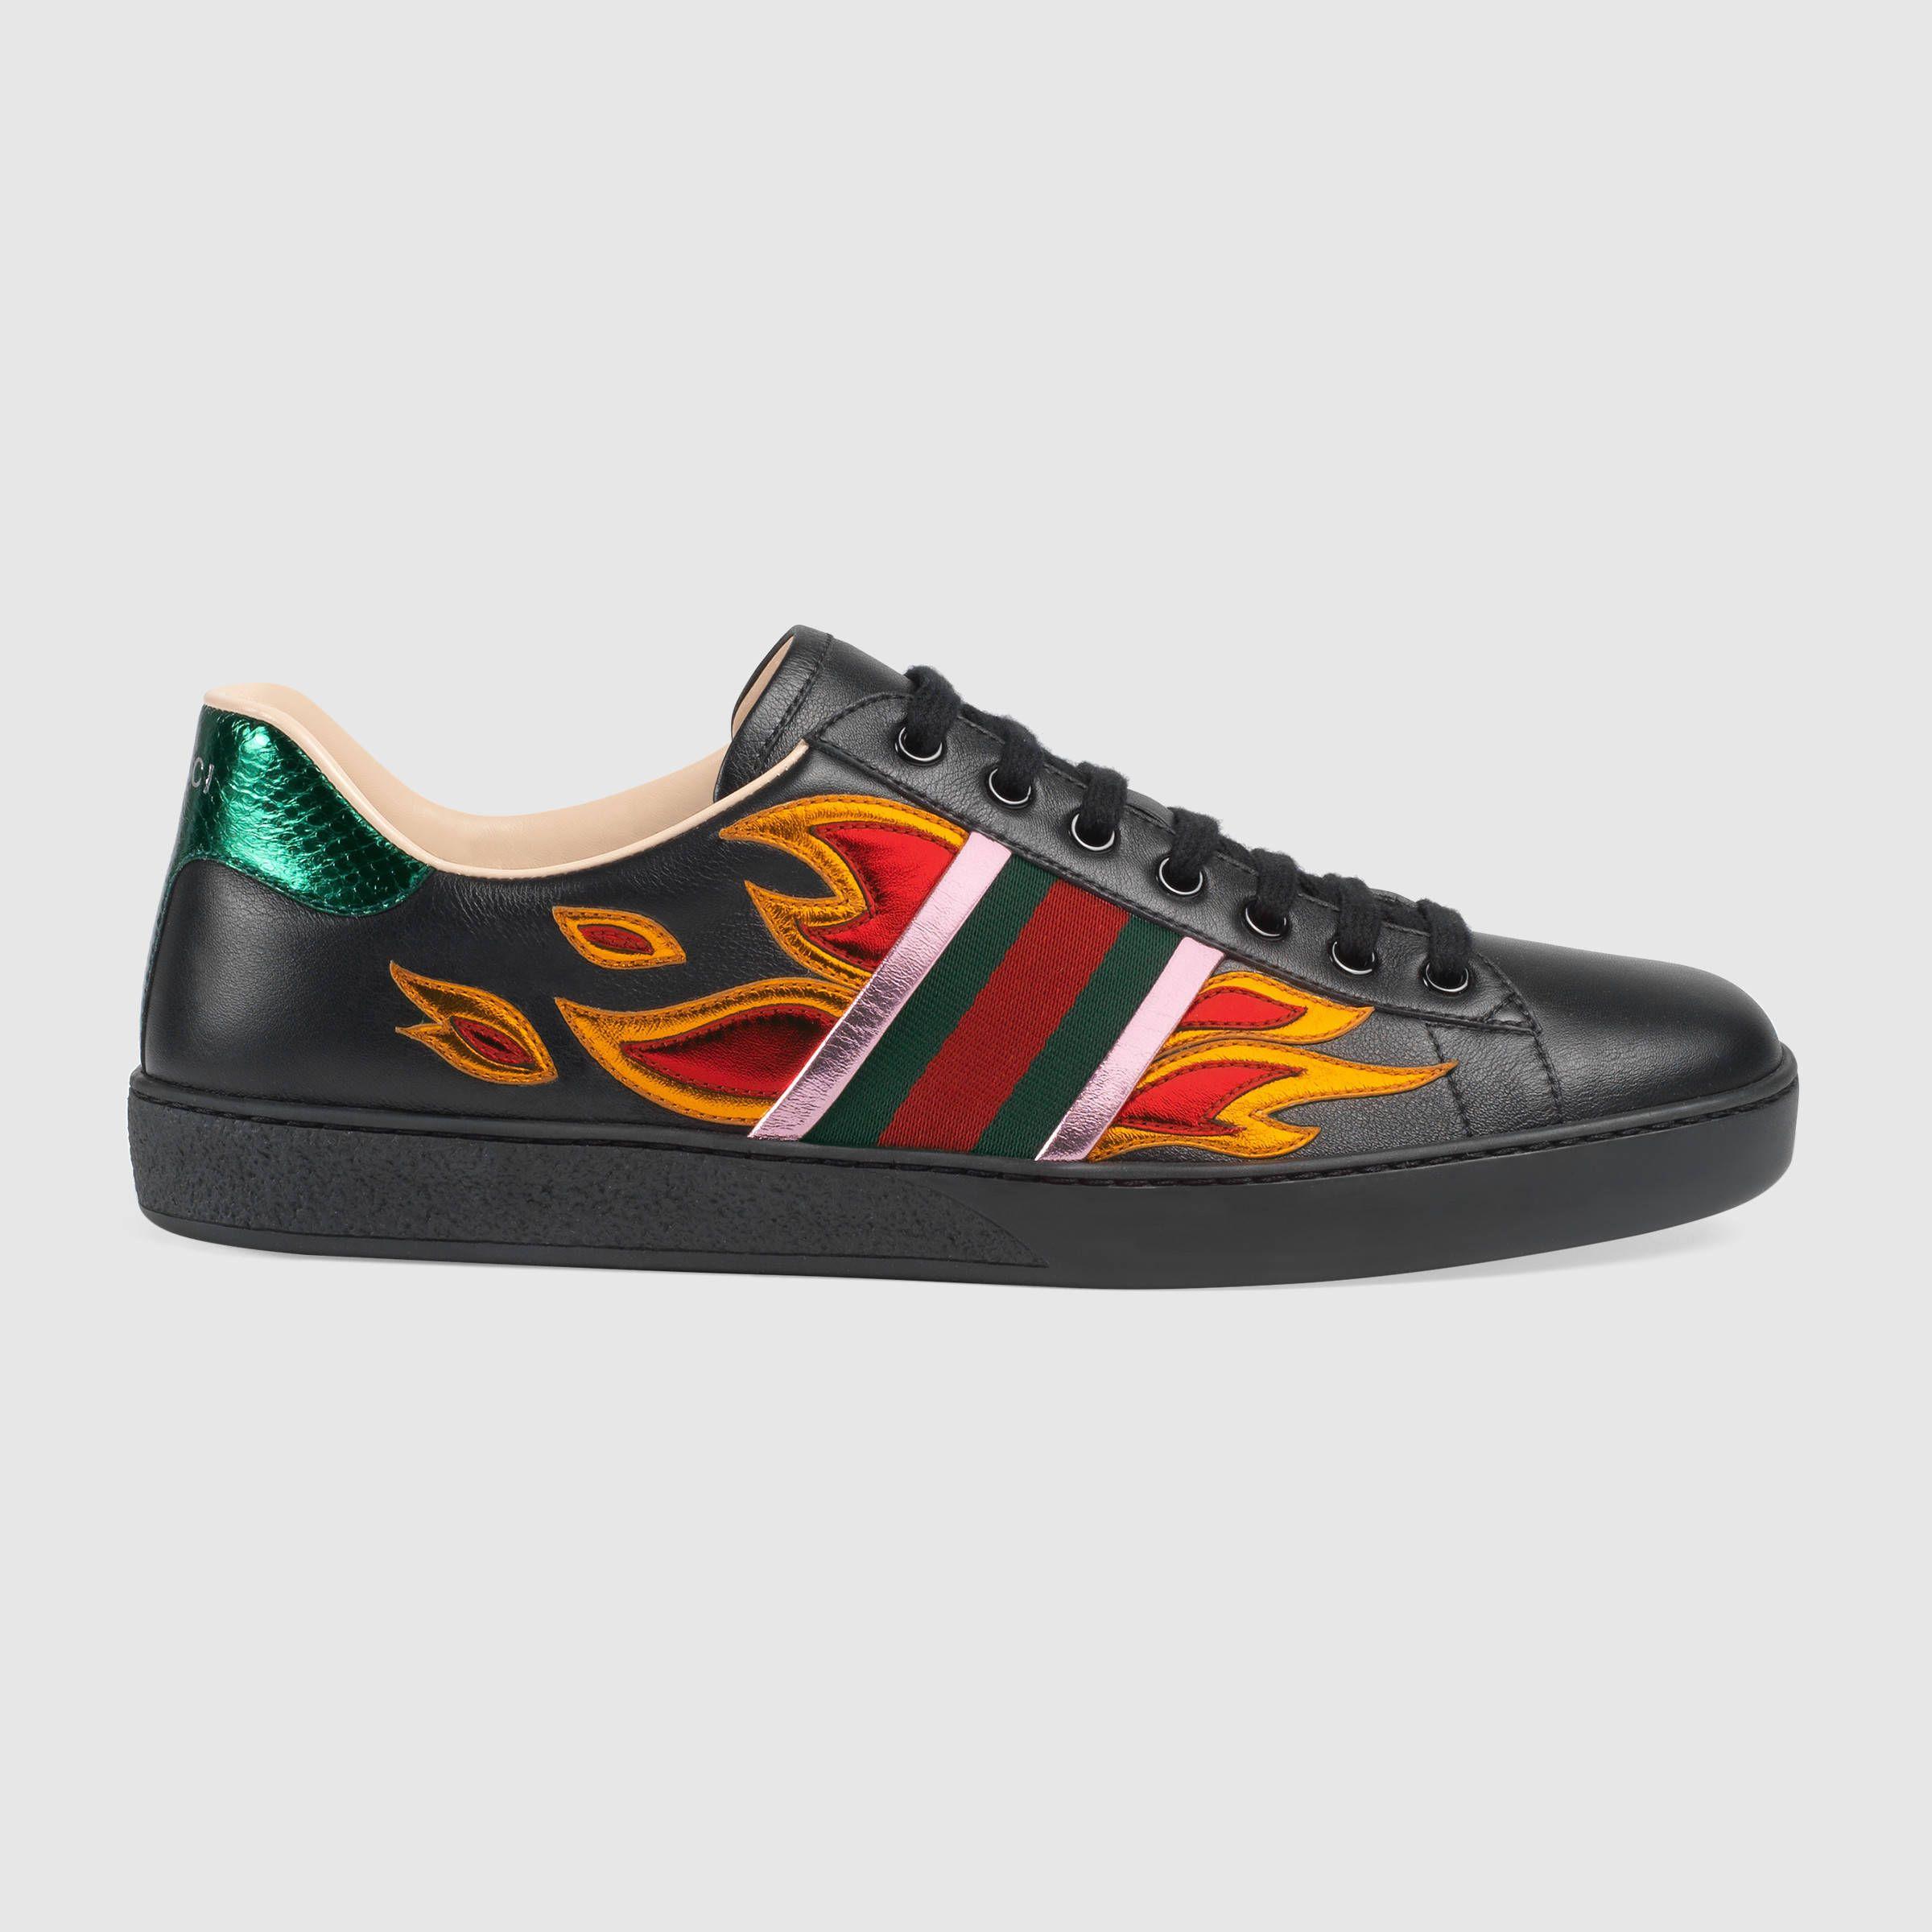 Zapatillas de paseo Go Walk 3 Slip-On para hombre, negras, 11.5 EW US